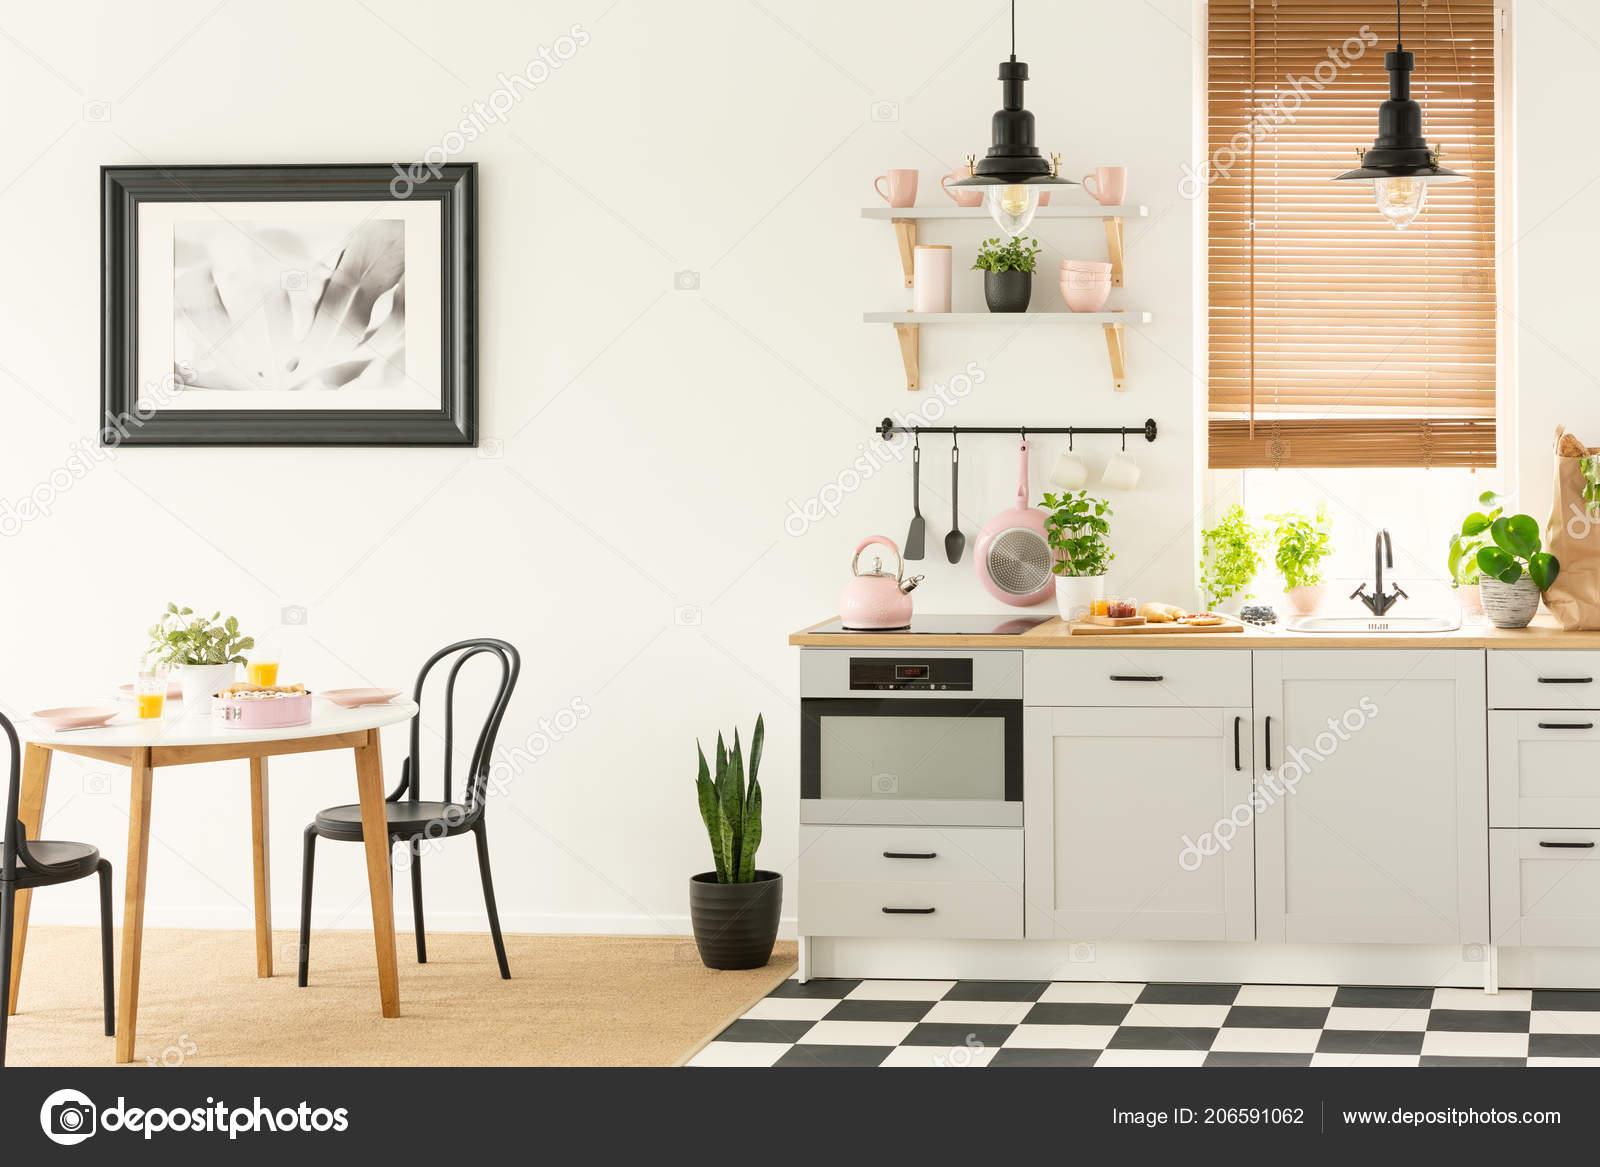 Industriele Lamp Keuken : Industriële lampen zwarte stoelen een witte keuken interieur